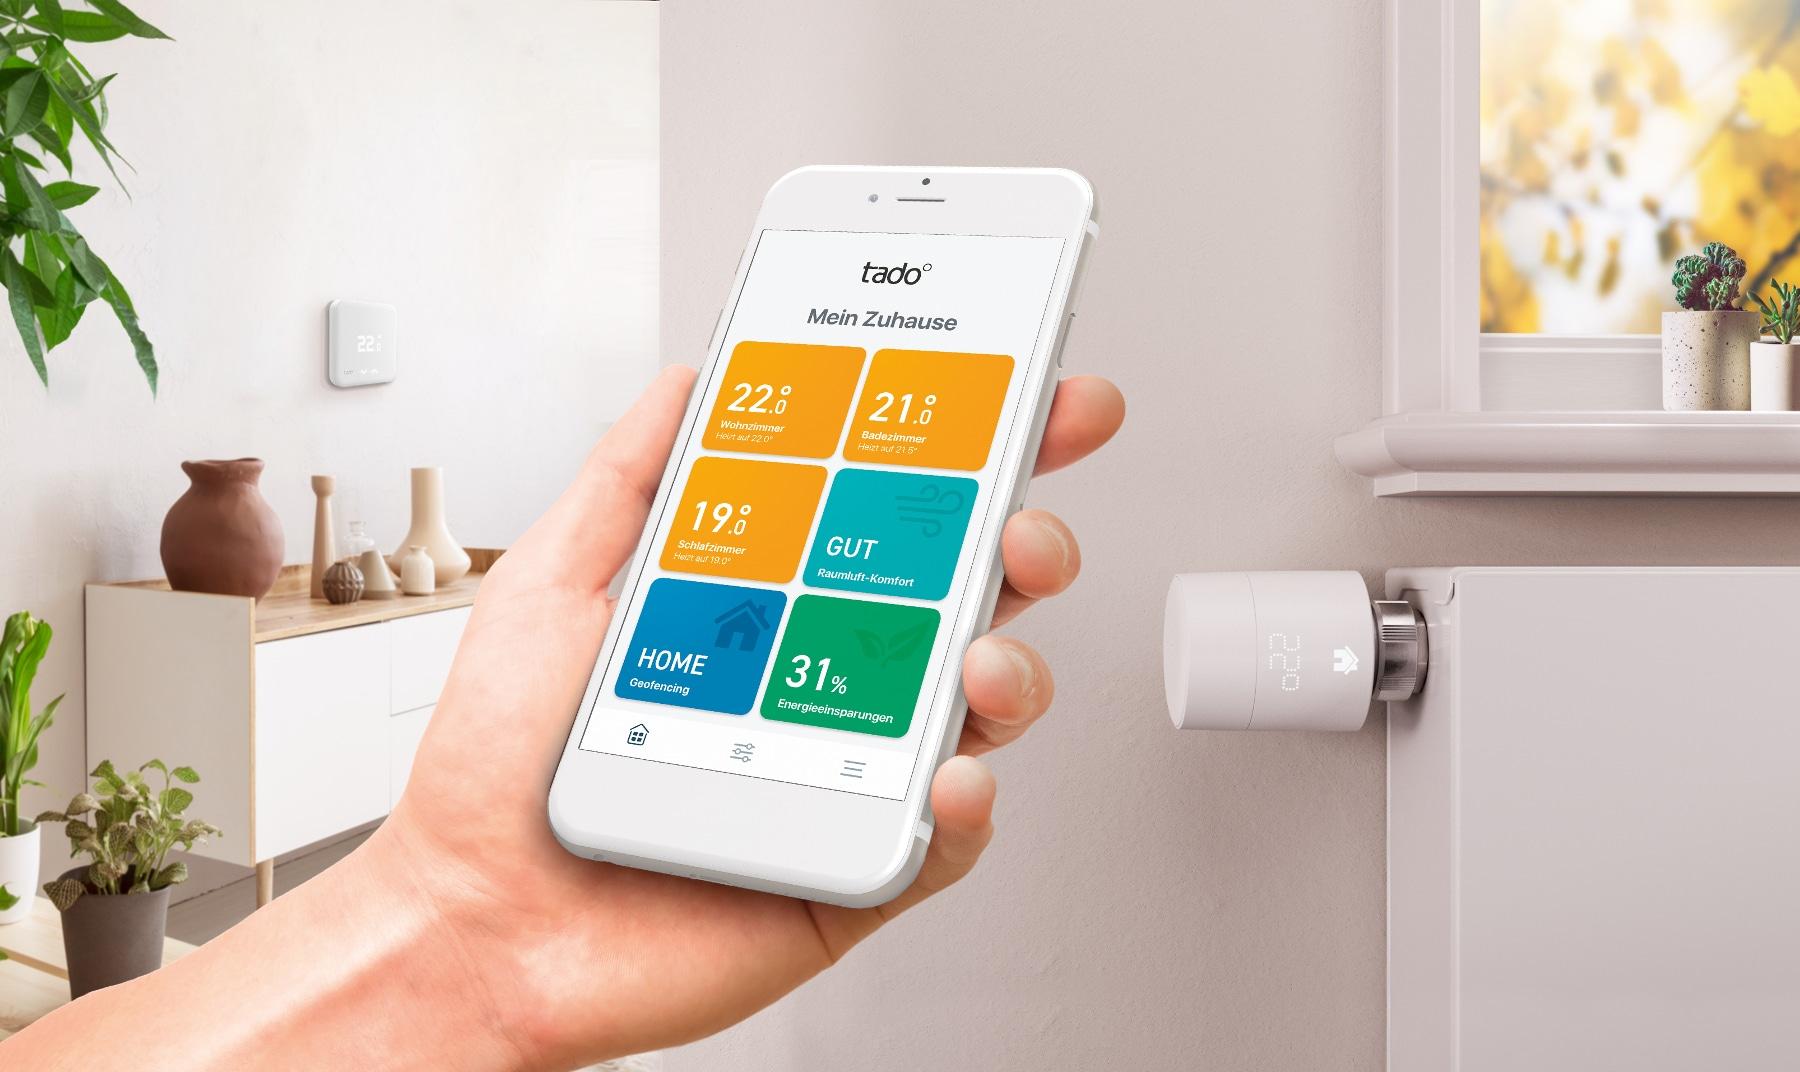 tado° stellt neue Thermostate und App vor